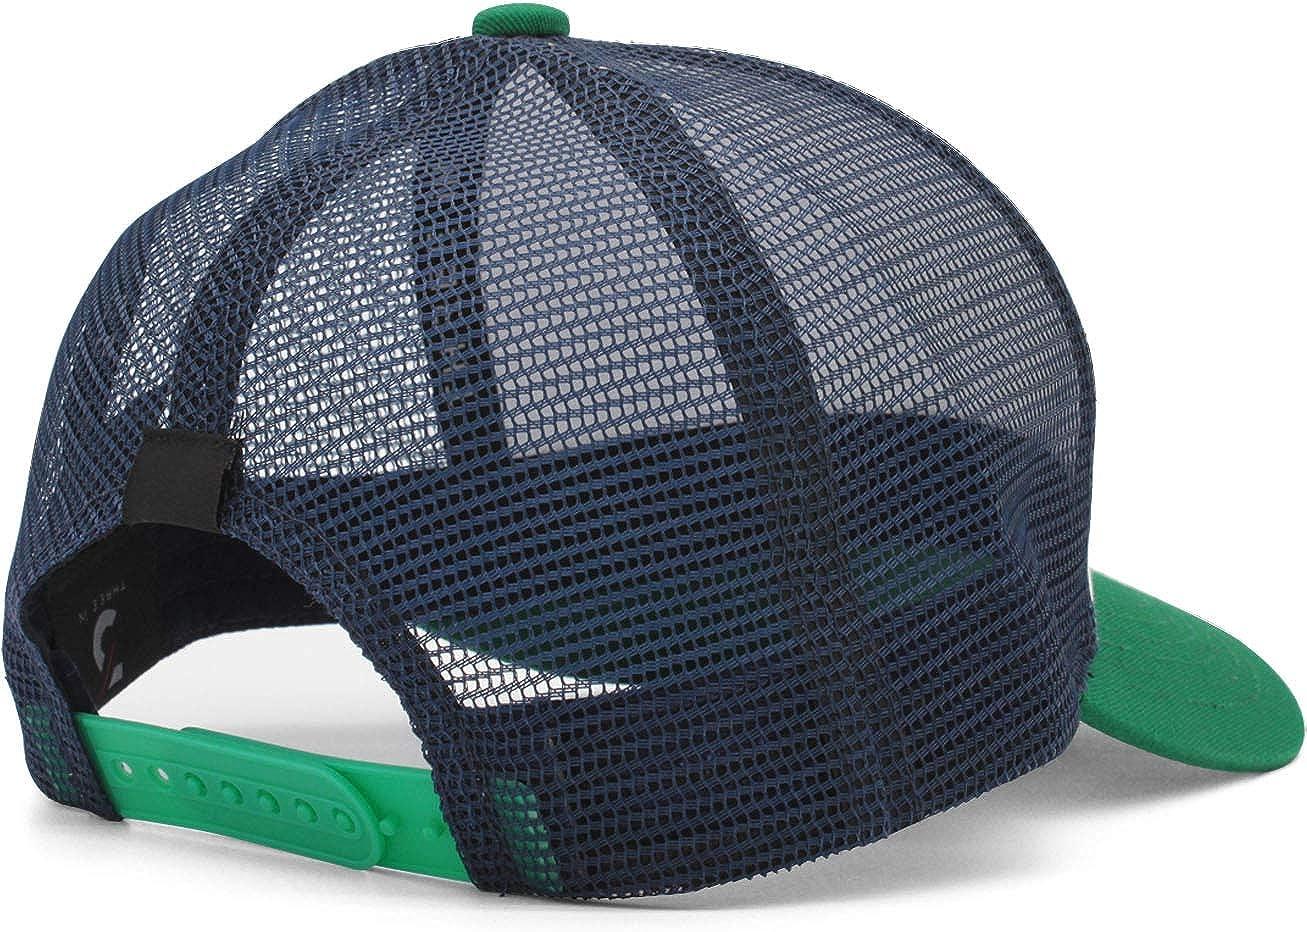 Snapback hat Trucker Hats Sports Caps Man Volbeat-Custom-Shop-Car